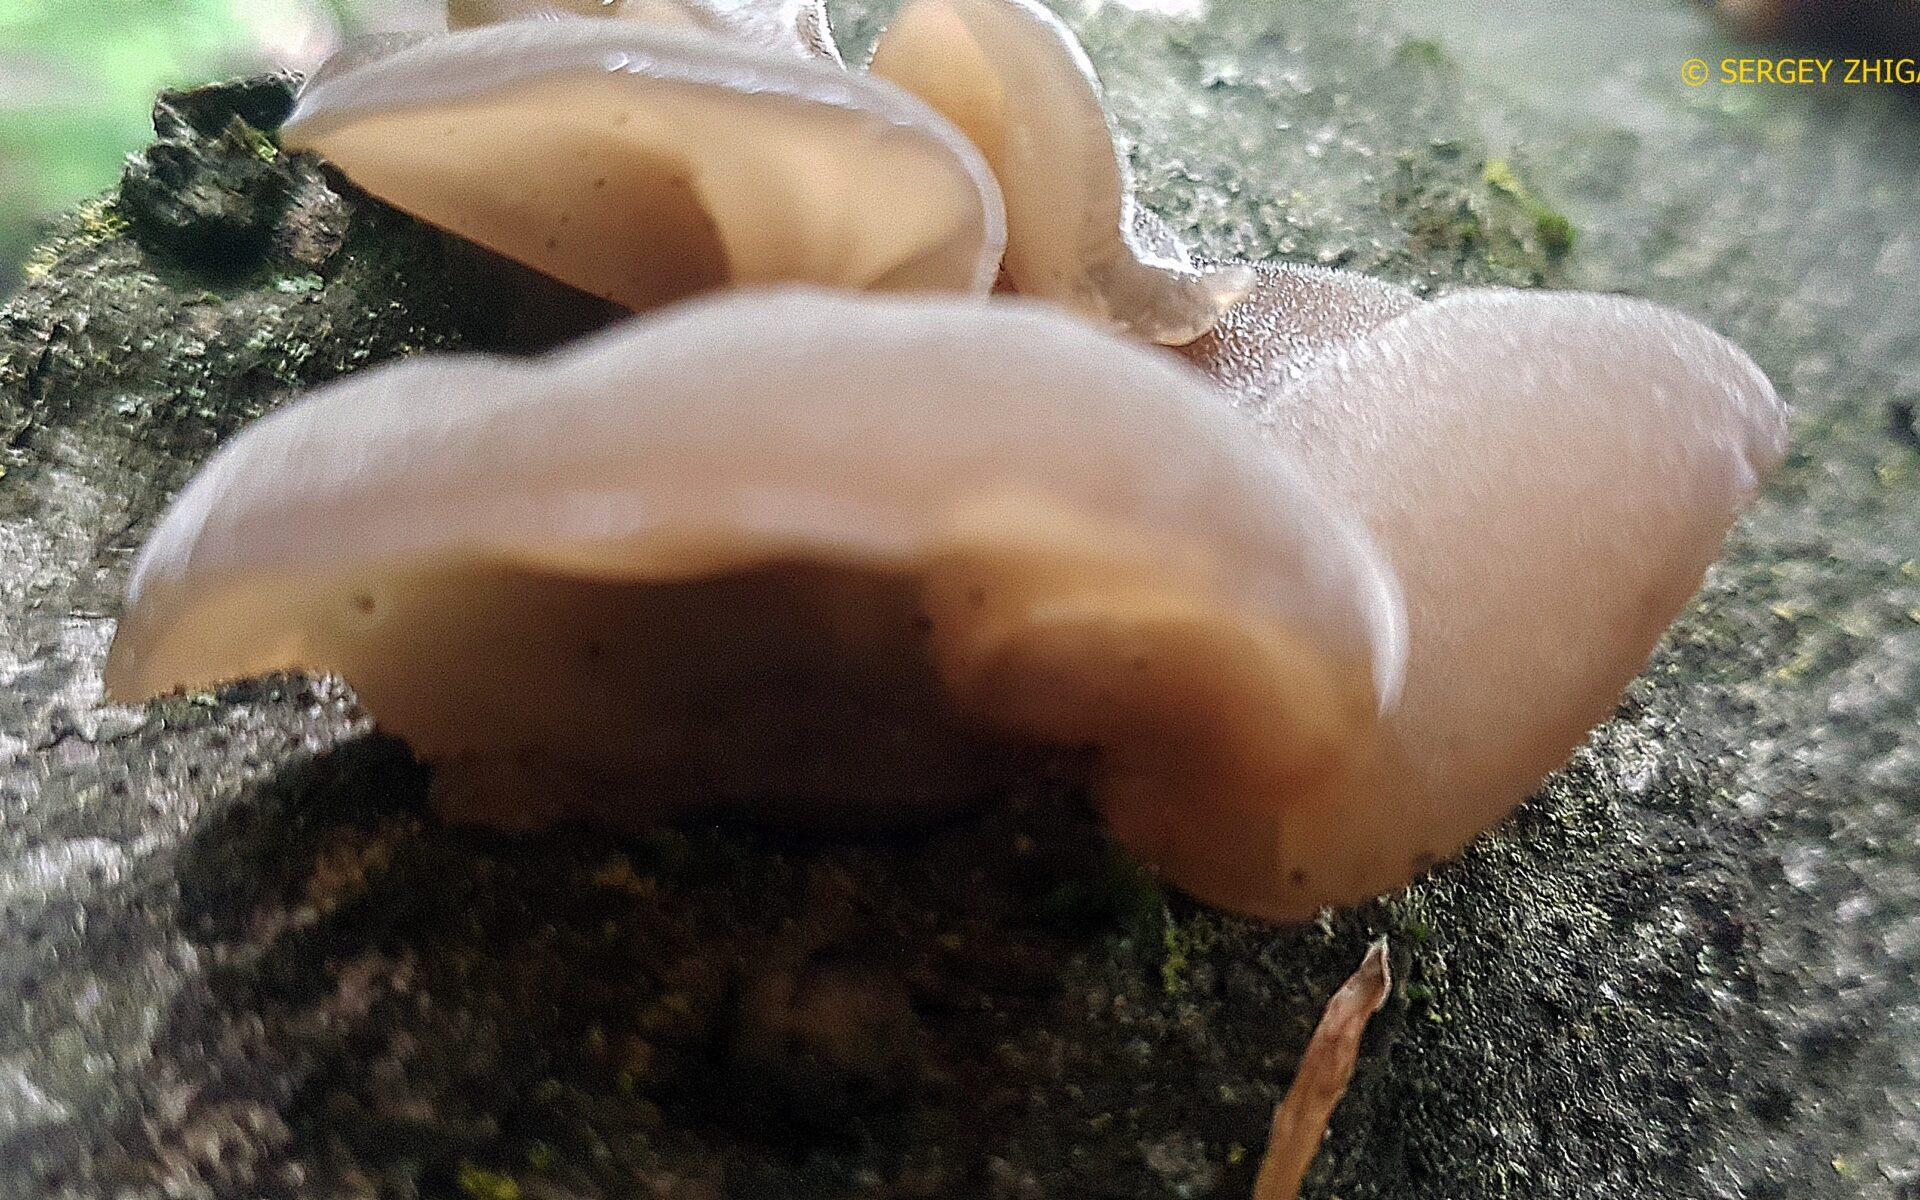 Аурикулярия уховидная (Иудино ухо) Auricularia auricula-judae